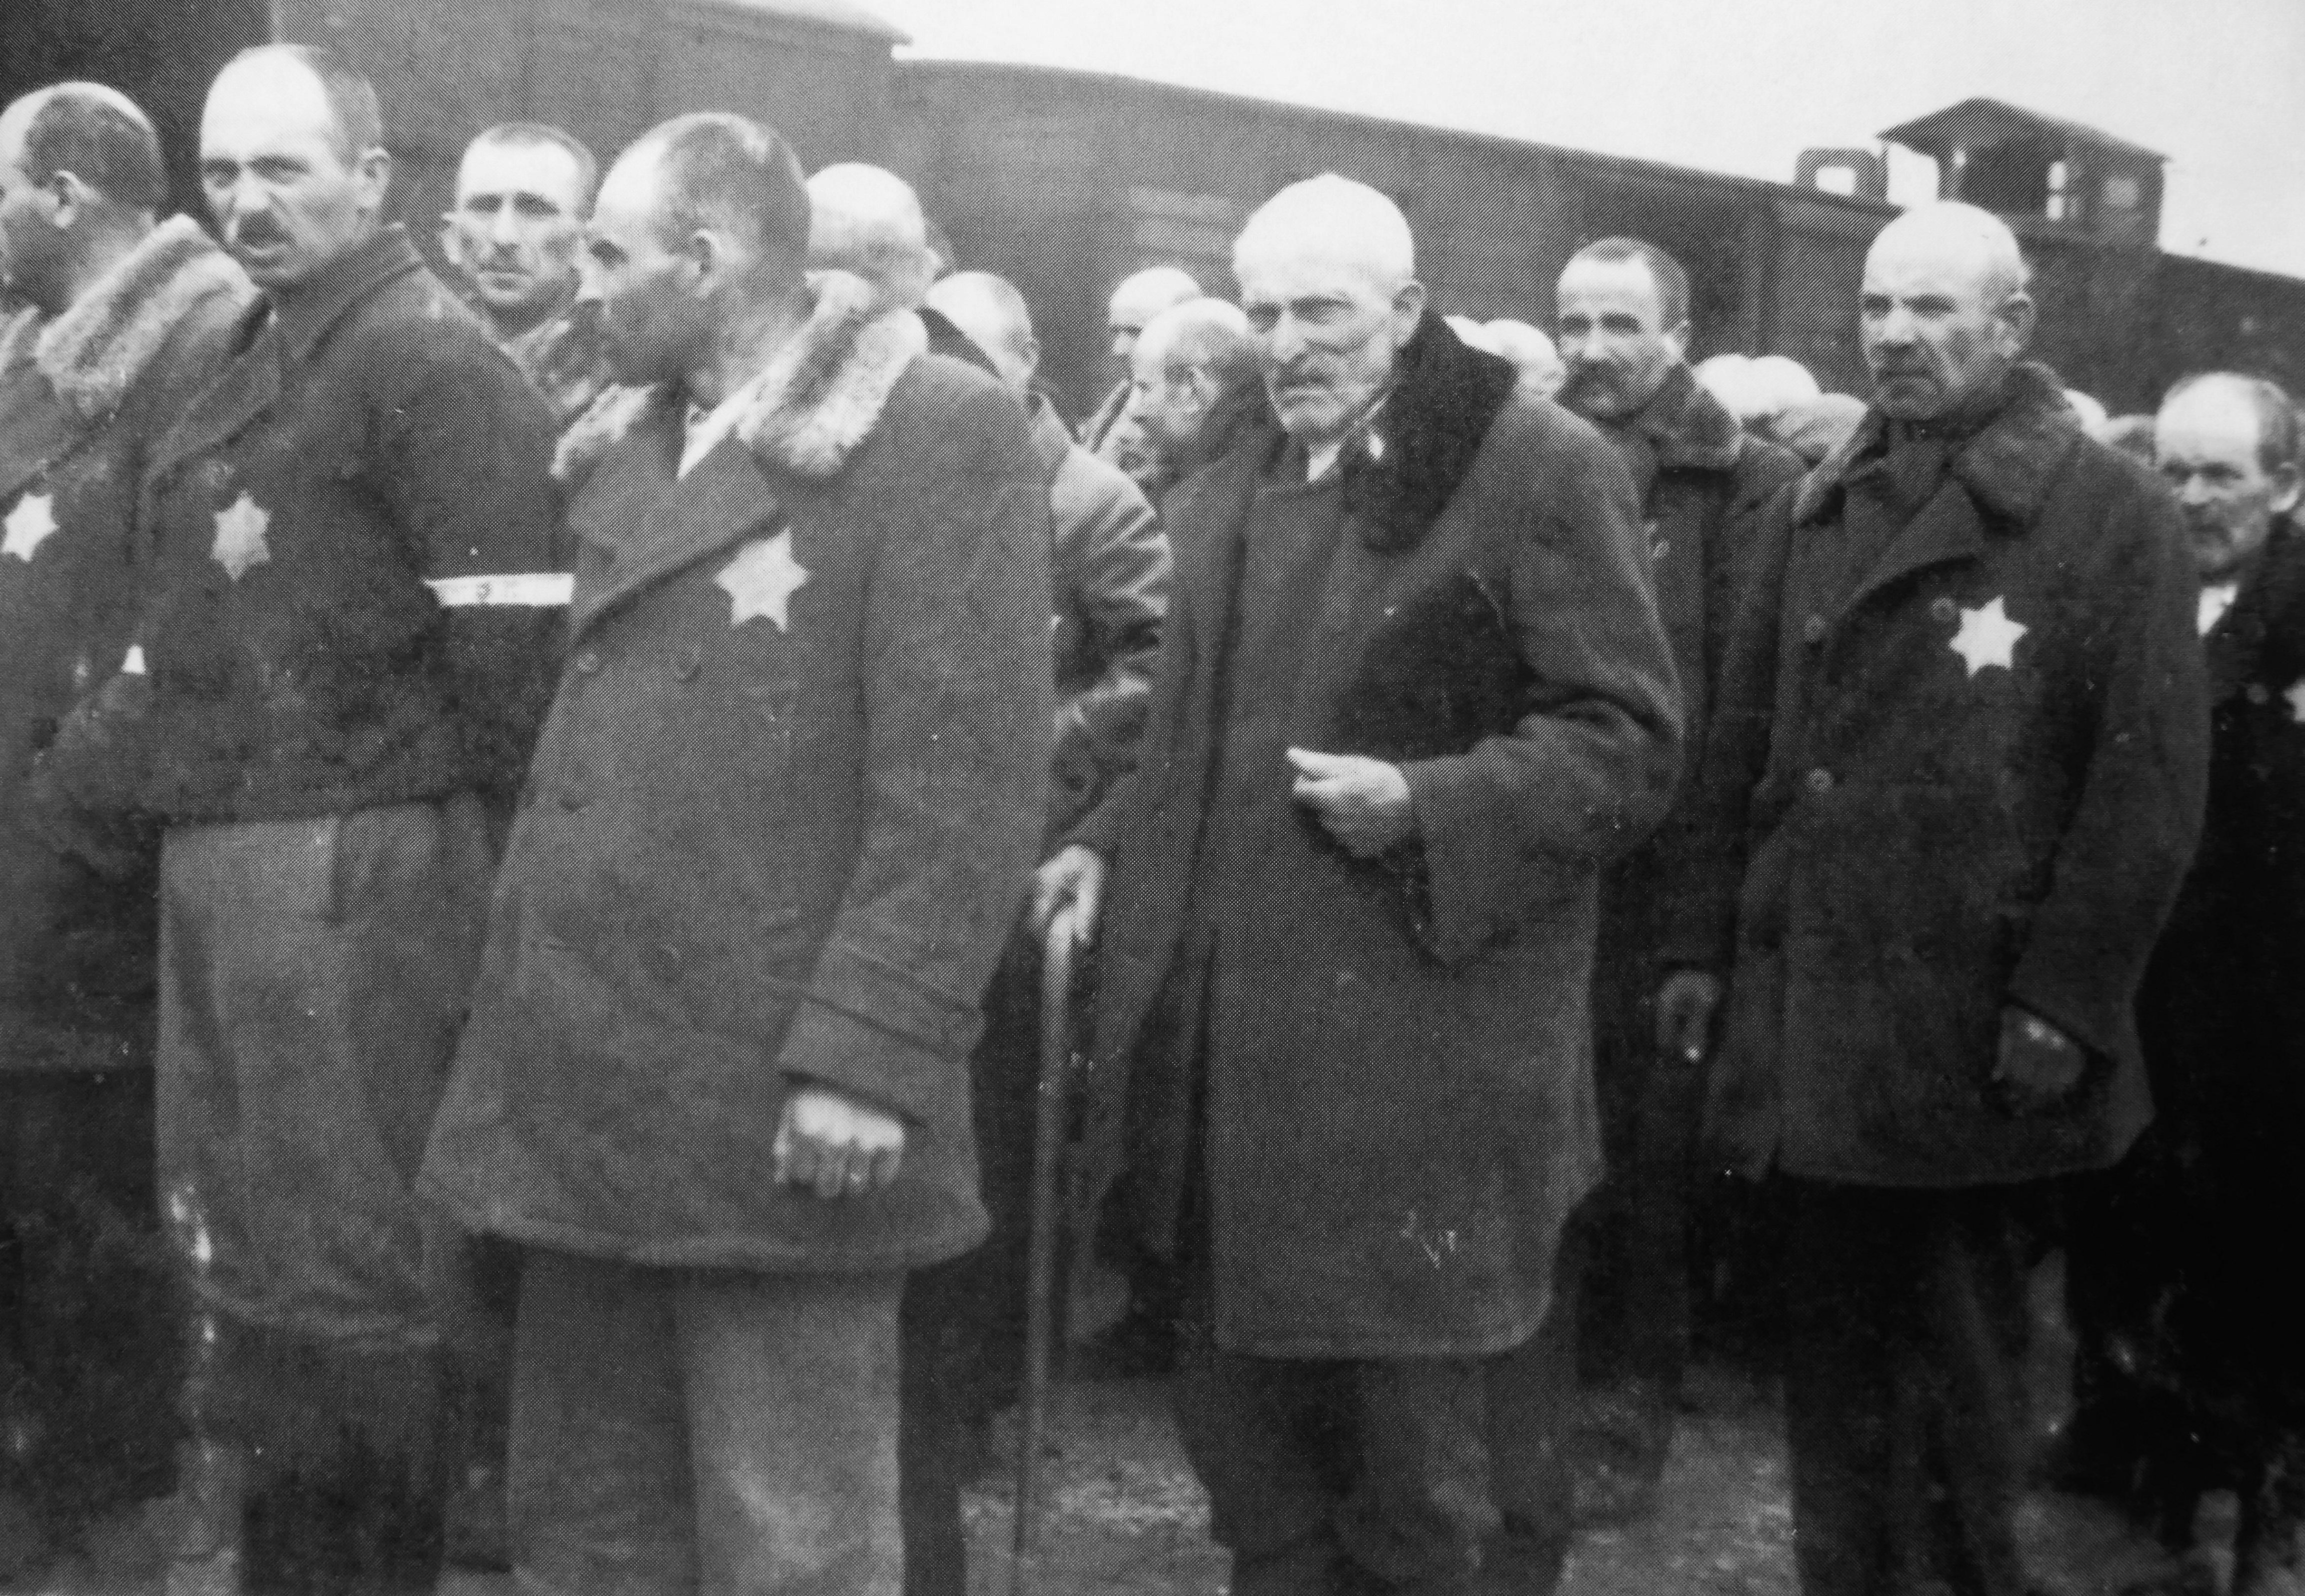 Венгерские евреи у поезда после прибытия в концлагерь Освенцим [7]